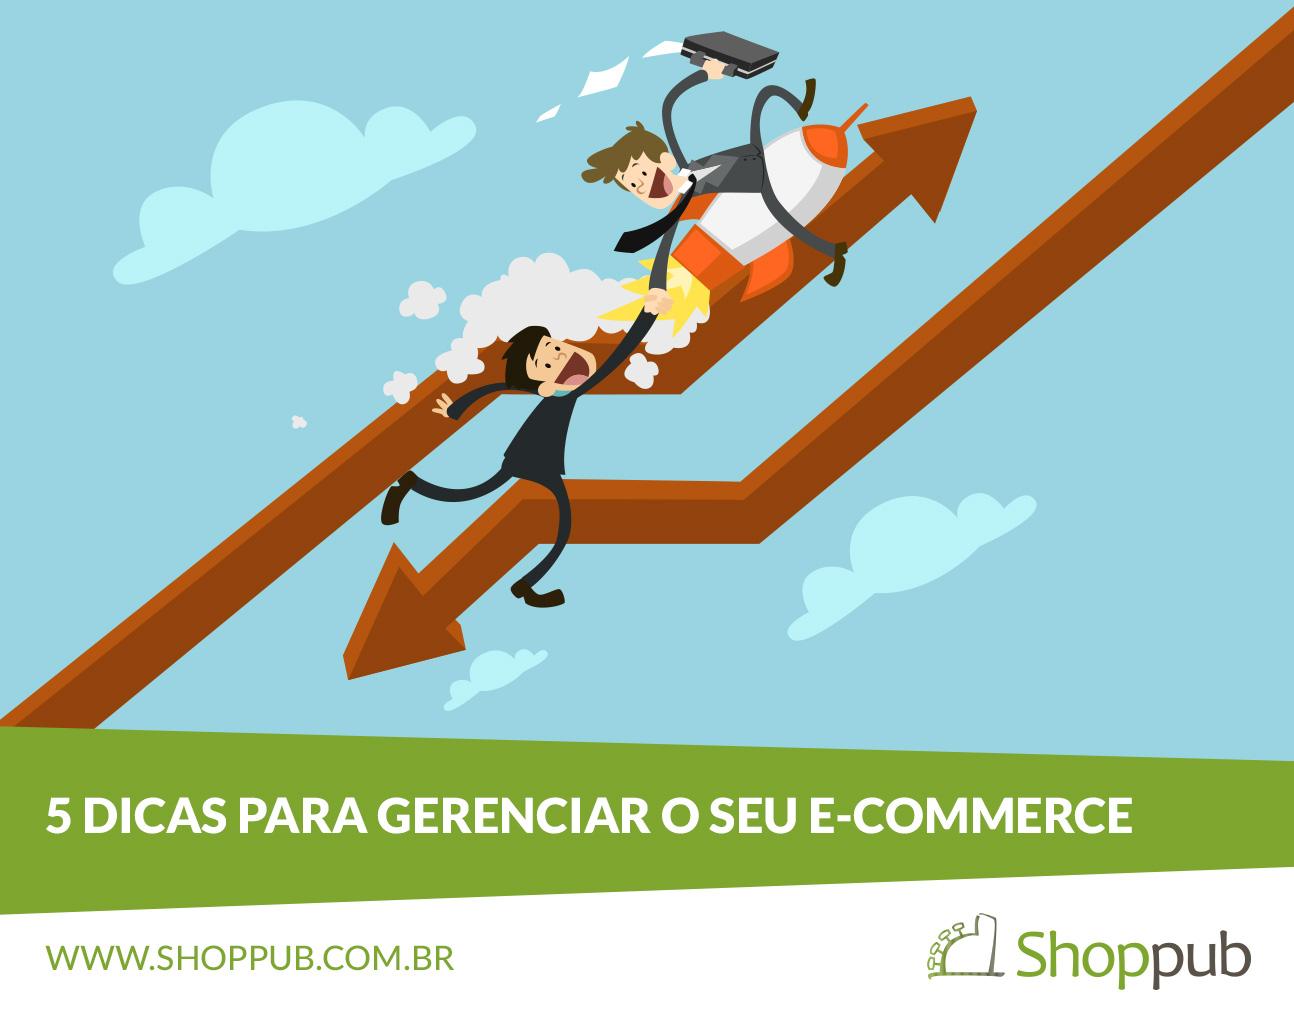 5 dicas para gerenciar o seu e-commerce